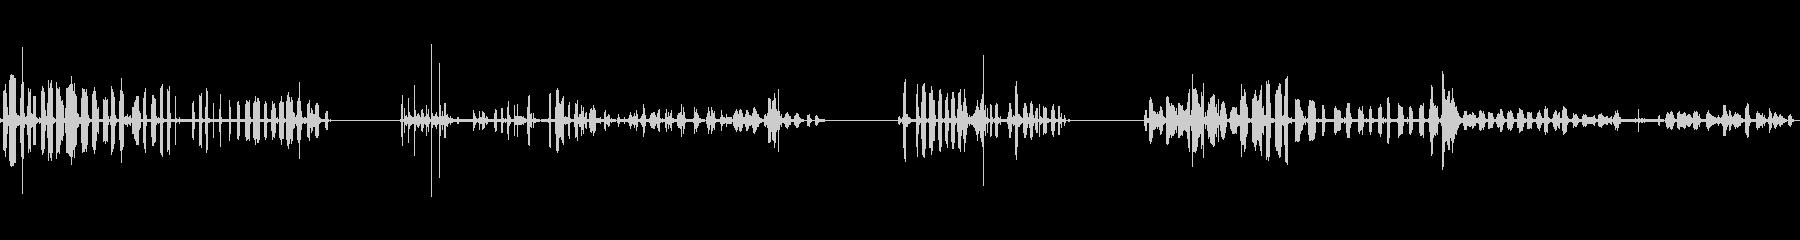 モルモット、閉じる、ケージ内、ギャ...の未再生の波形